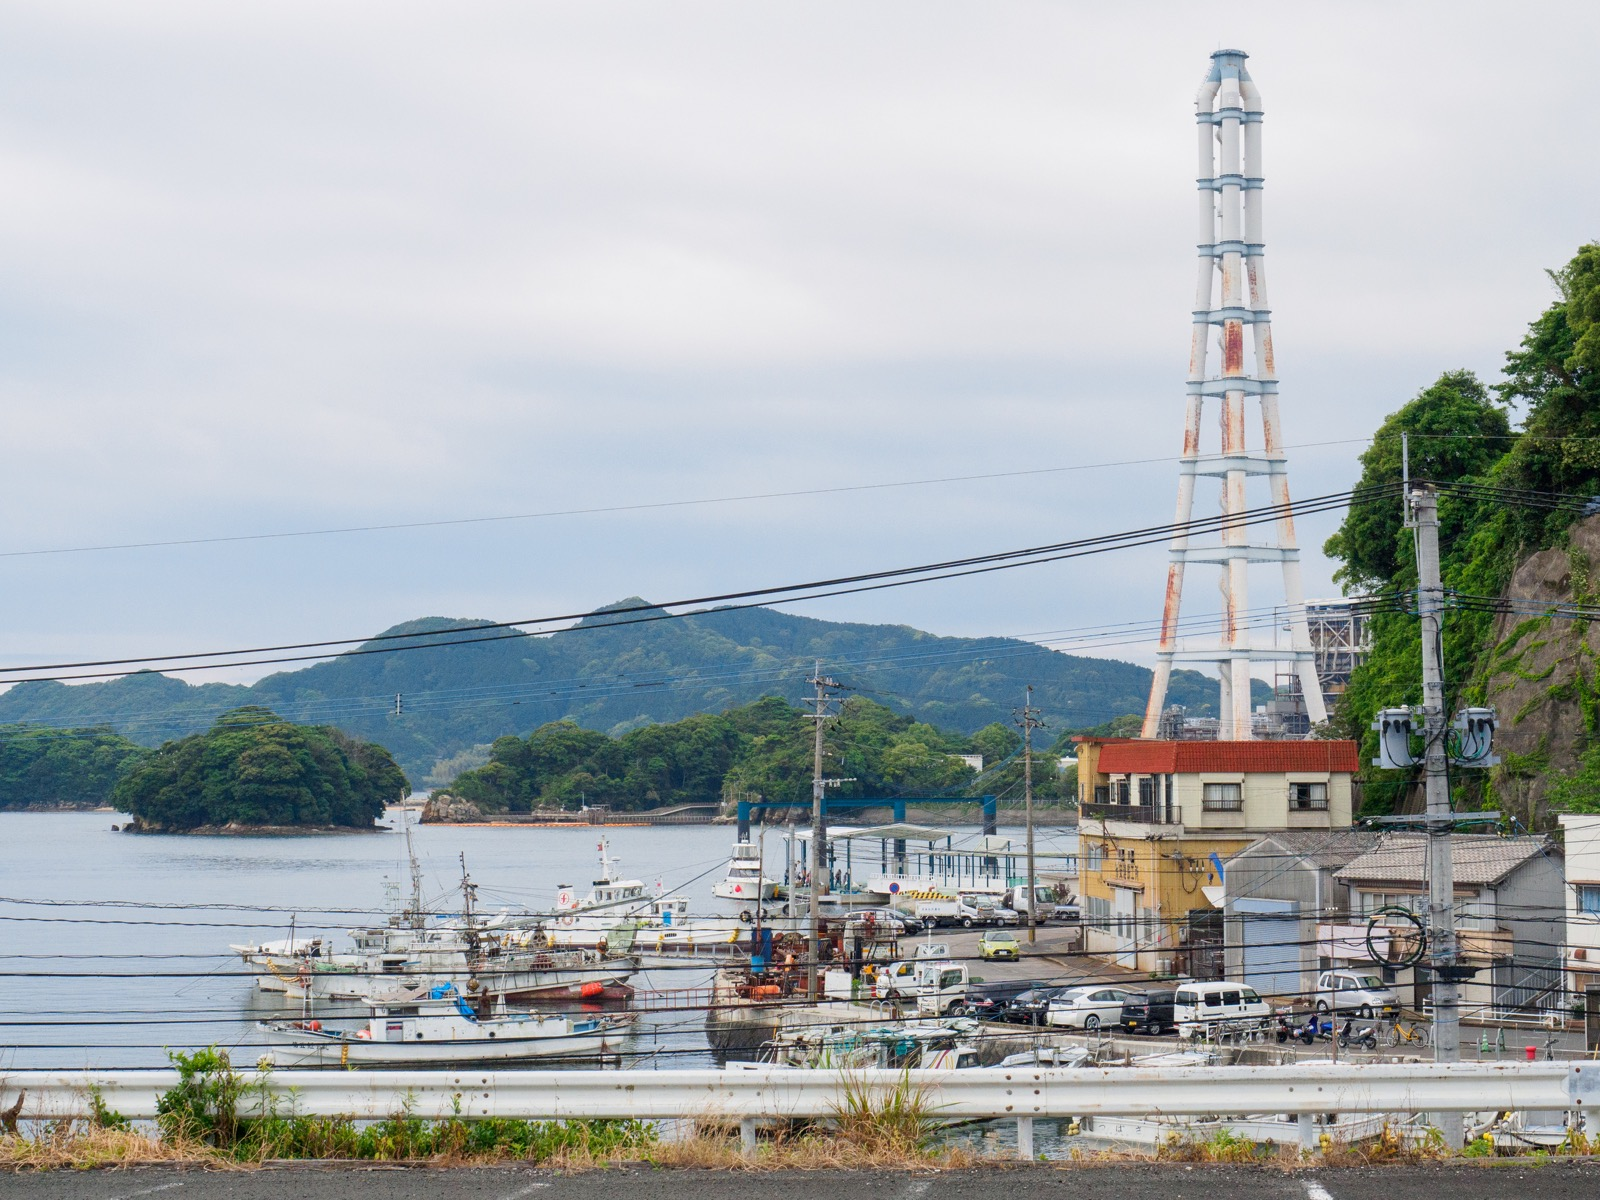 相浦駅から見た相浦港と九州電力旧相浦発電所